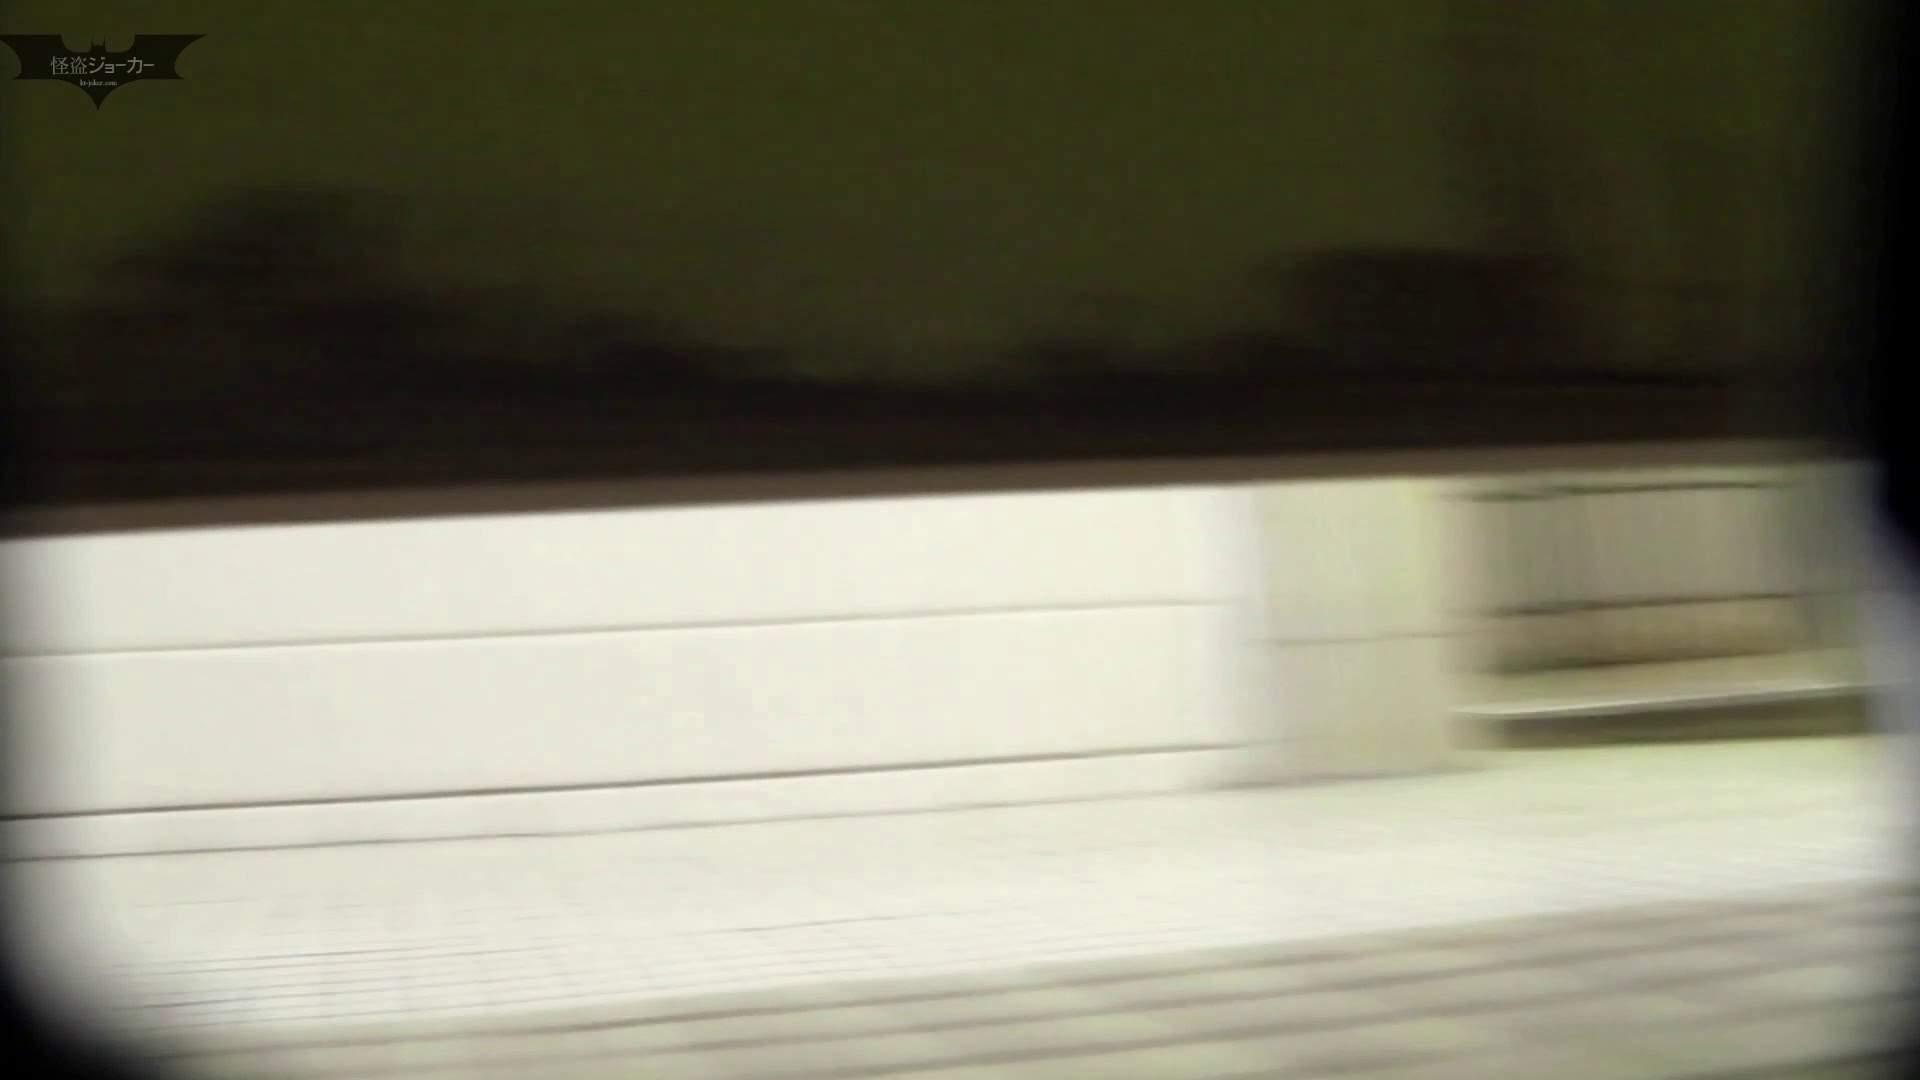 洗面所特攻隊 vol.53 隙間はとても重要なポイントです! 高画質動画 エロ無料画像 62画像 17